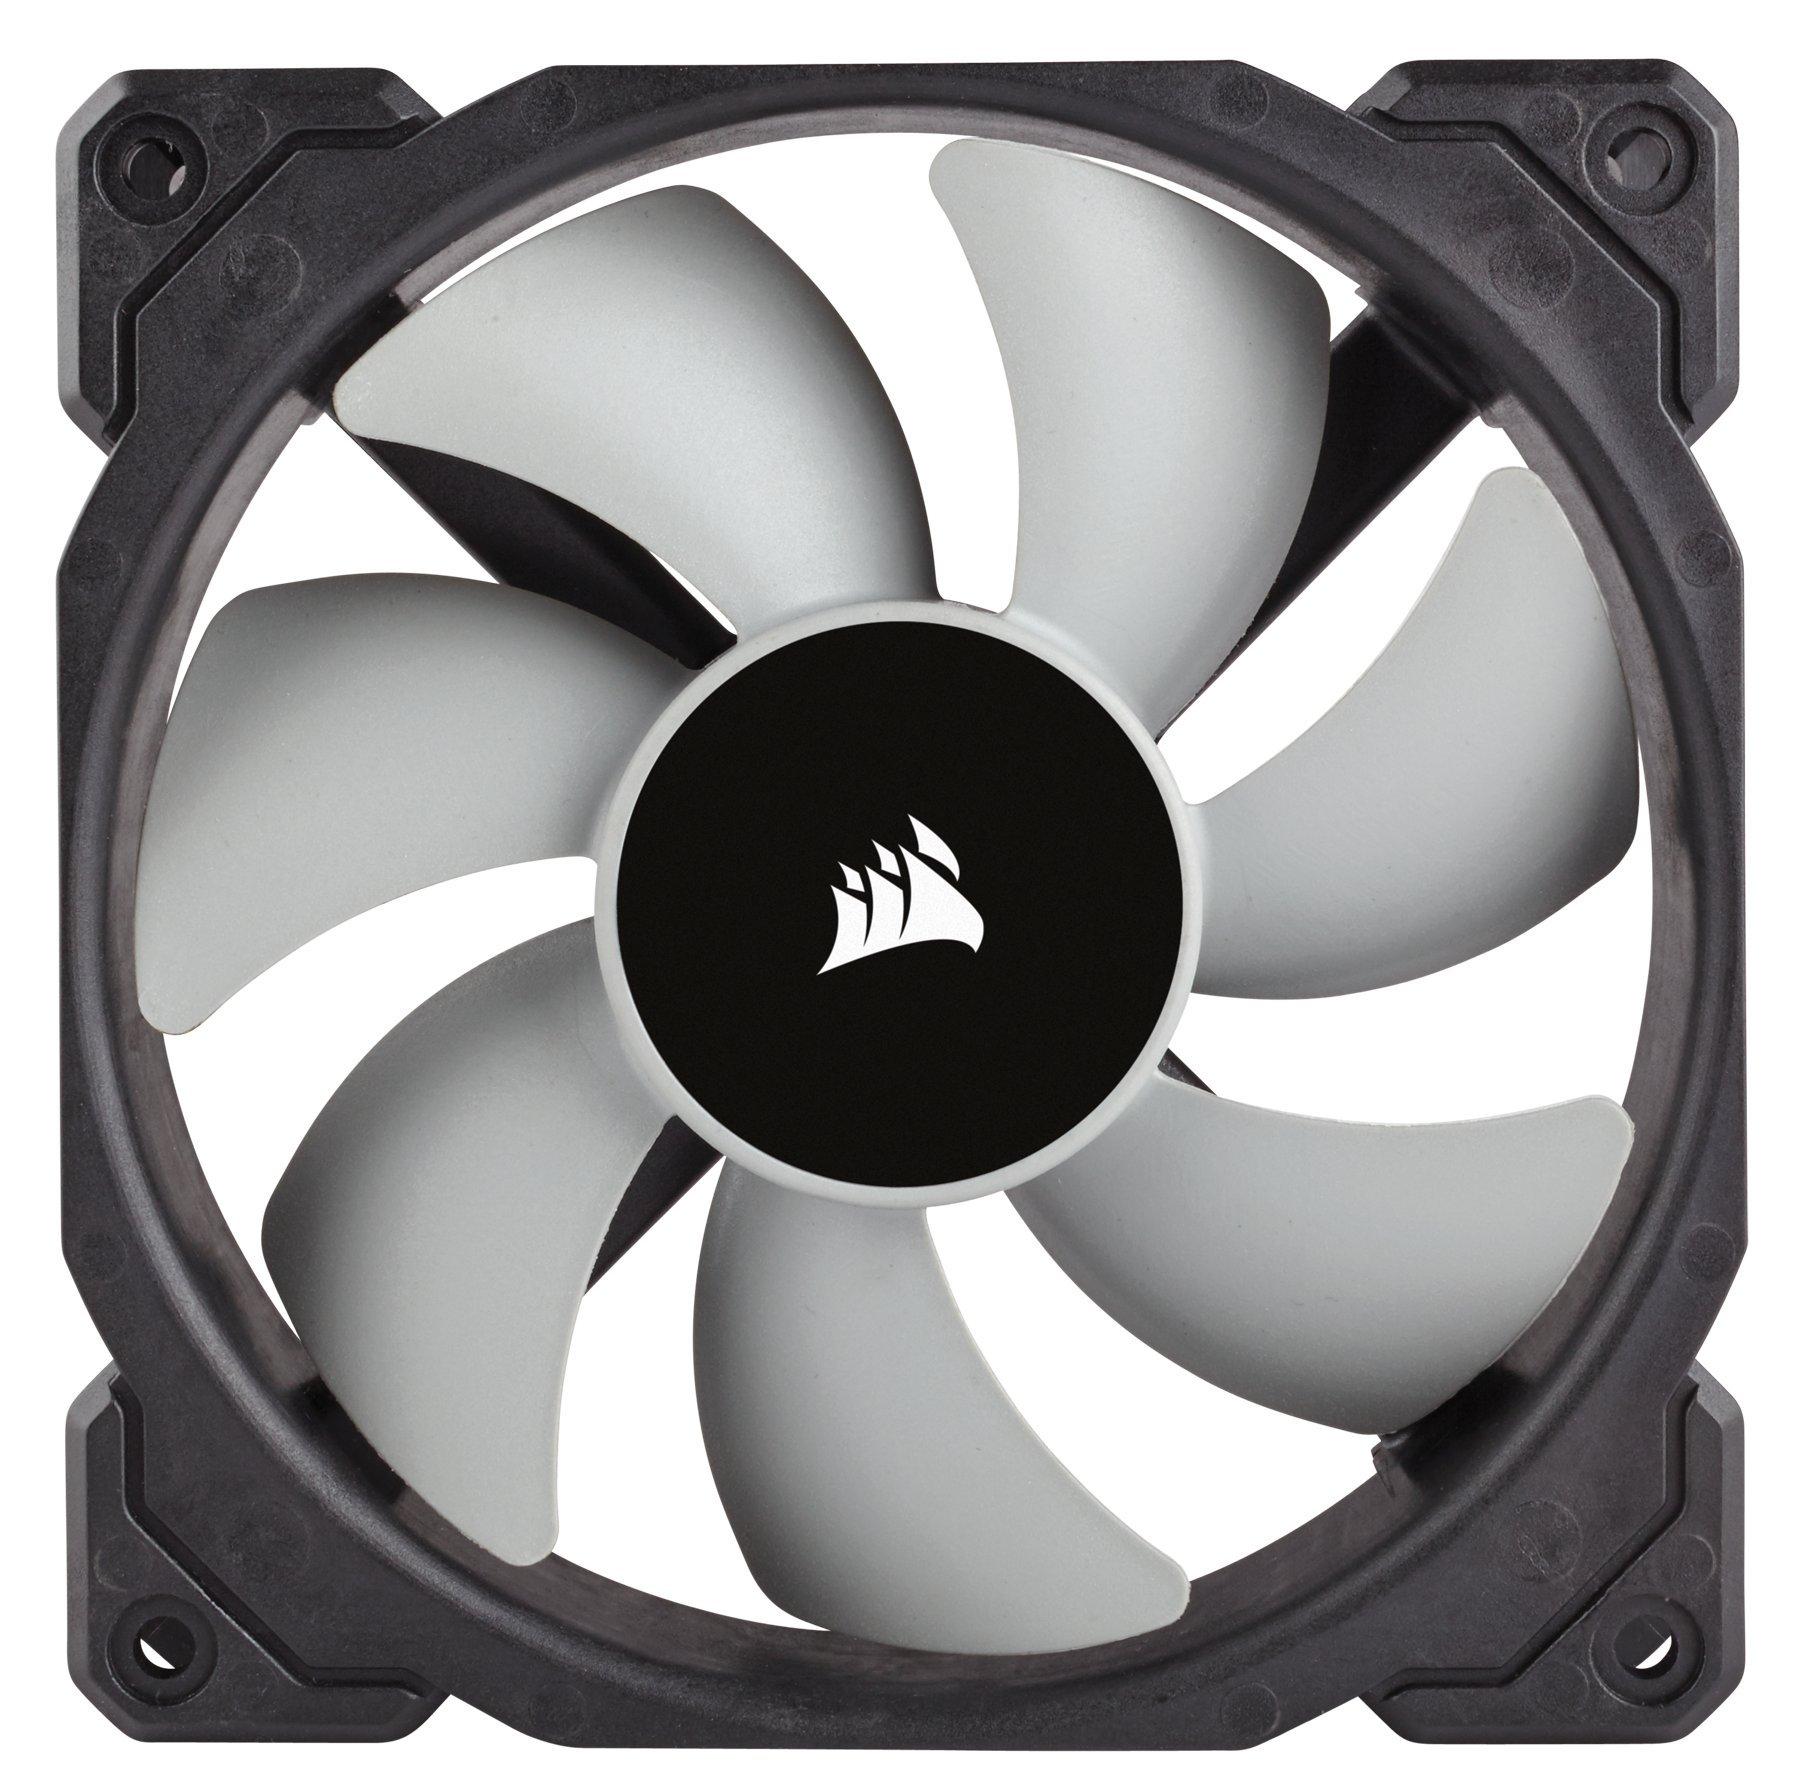 CORSAIR HYDRO Series H100i PRO RGB AIO Liquid CPU Cooler, 240mm, Dual ML120 PWM Fans, Intel 115x/2066, AMD AM4 by Corsair (Image #11)